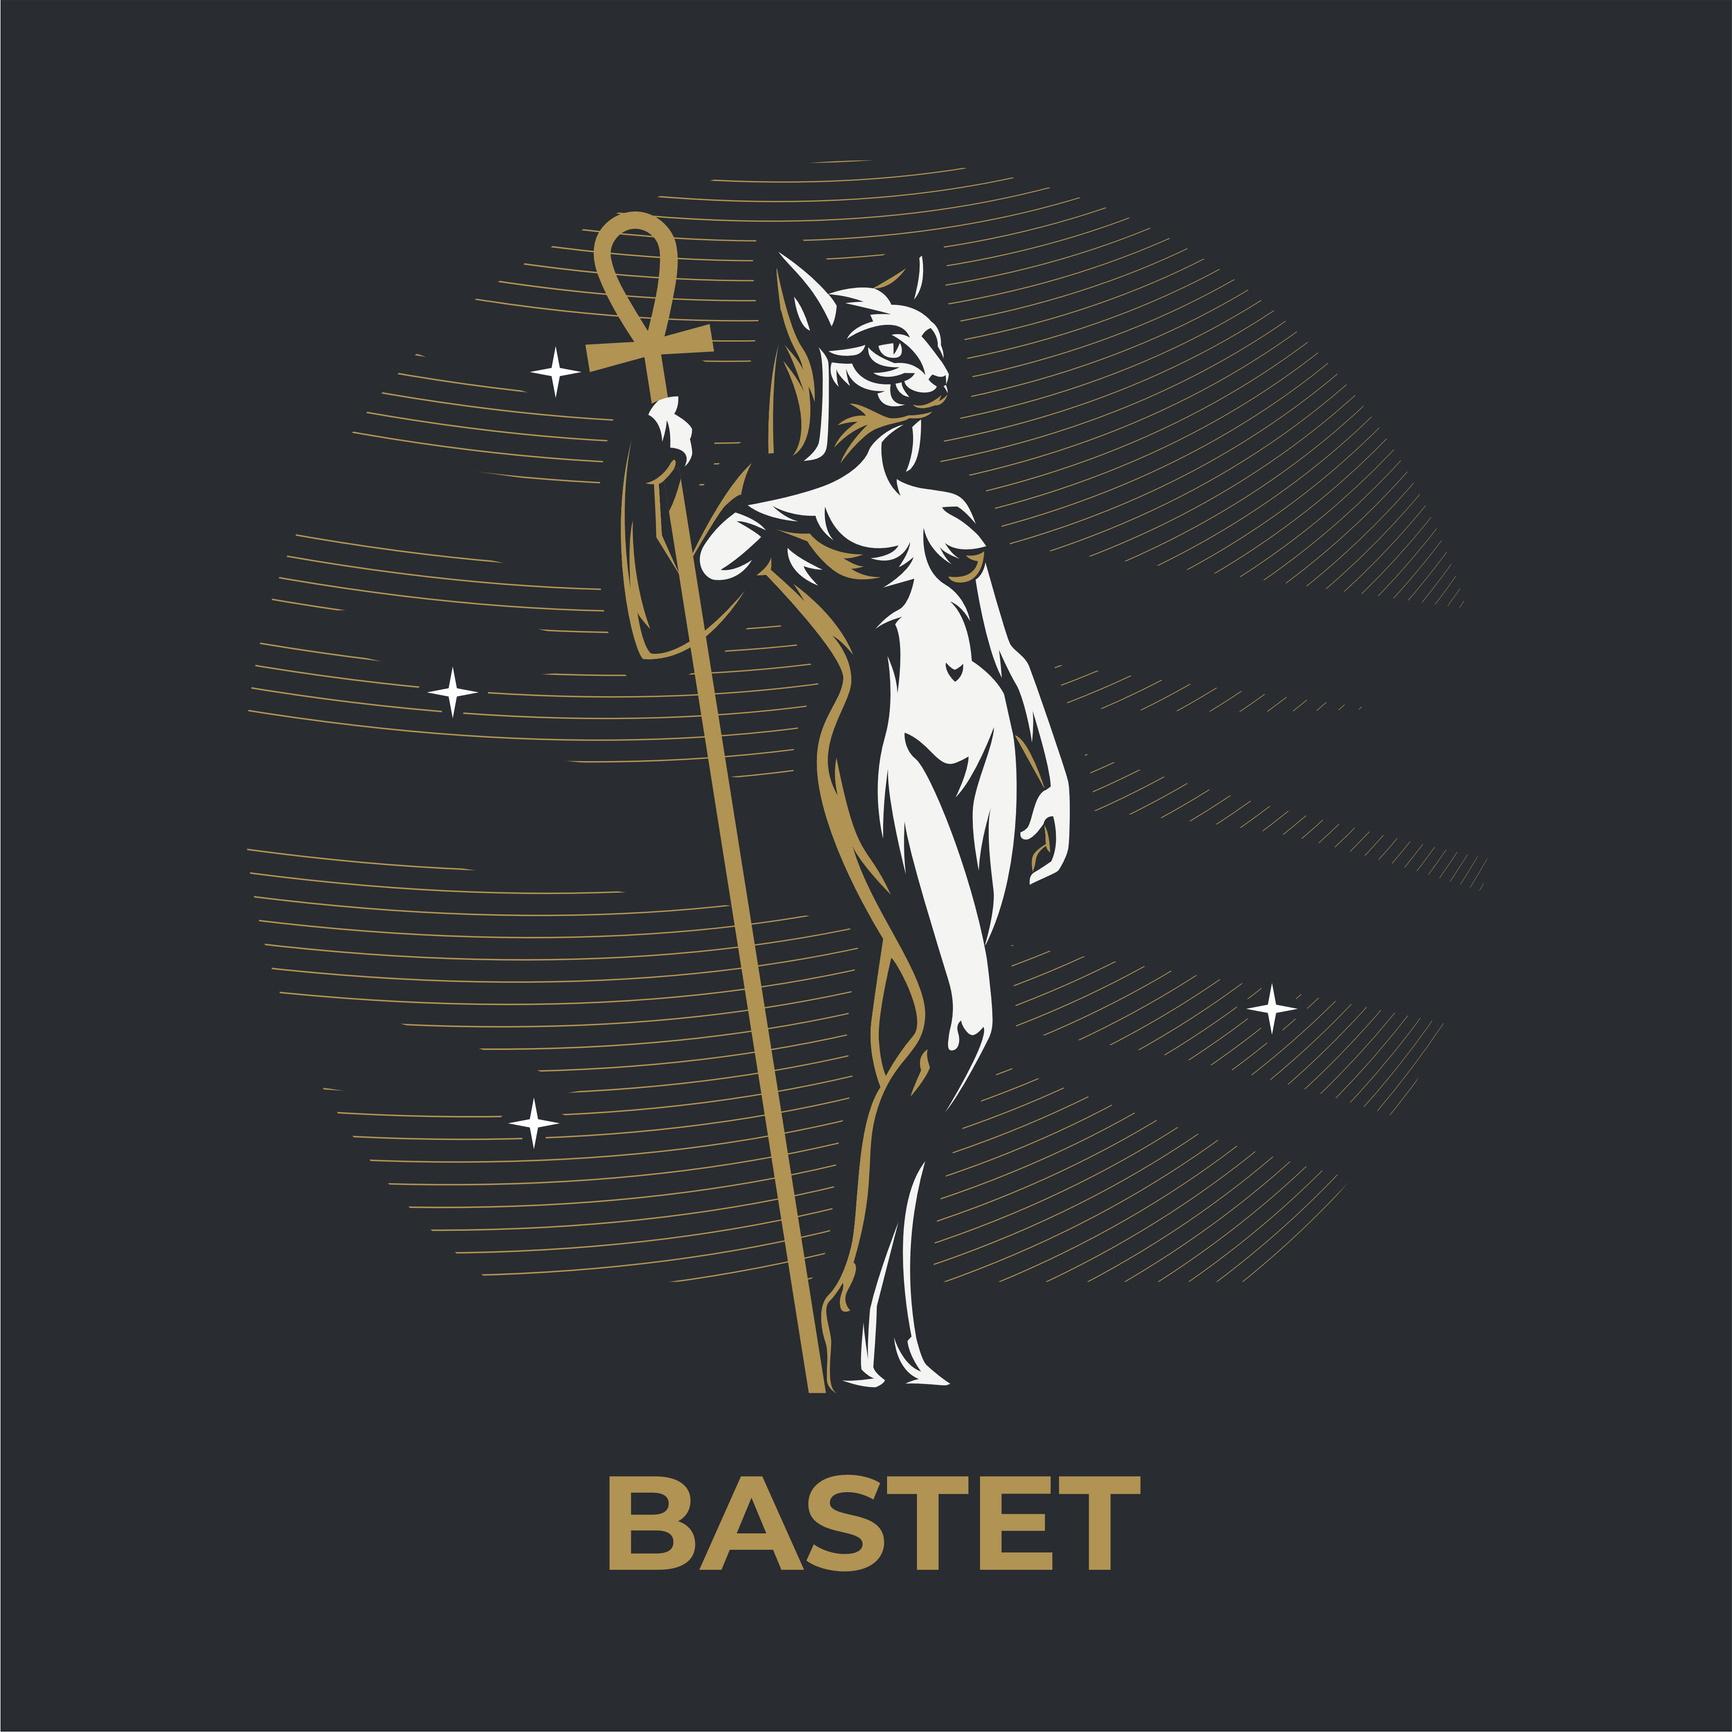 <p><strong>Бастет &ndash; богиня на радостта, празниците, танците, музиката, плодородието, покровителка на бременните жени &ndash; Рак</strong></p>  <p>Хората, родени под знака на Бастет са спокойни и жадуват за баланс в живота си, естествено са срамежливи и предпочитат по-тиха среда, до степен, в която дори могат да се изолират.</p>